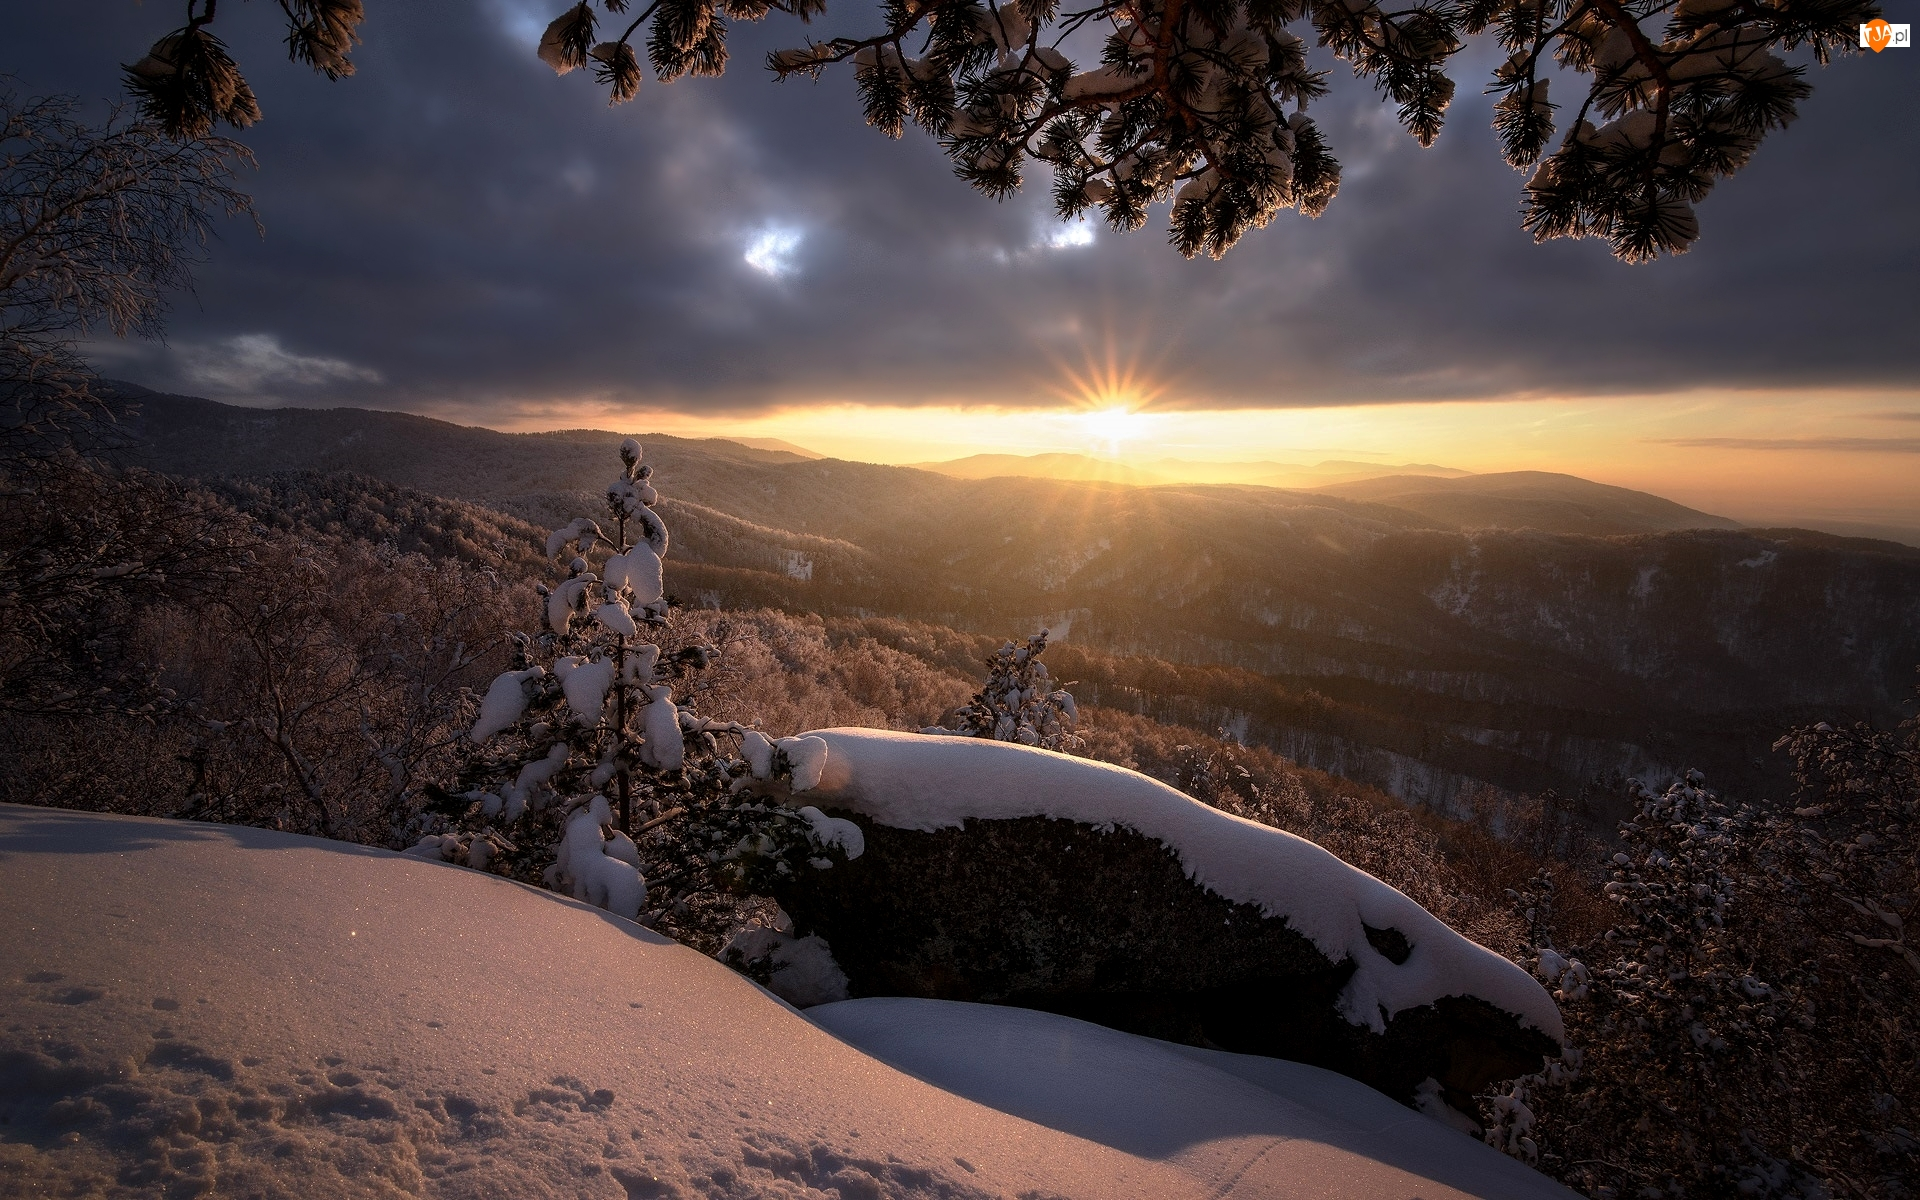 Rosja, Góry, Ałtaj, Chmury, Tajga, Wschód słońca, Ośnieżone, Zima, Drzewa